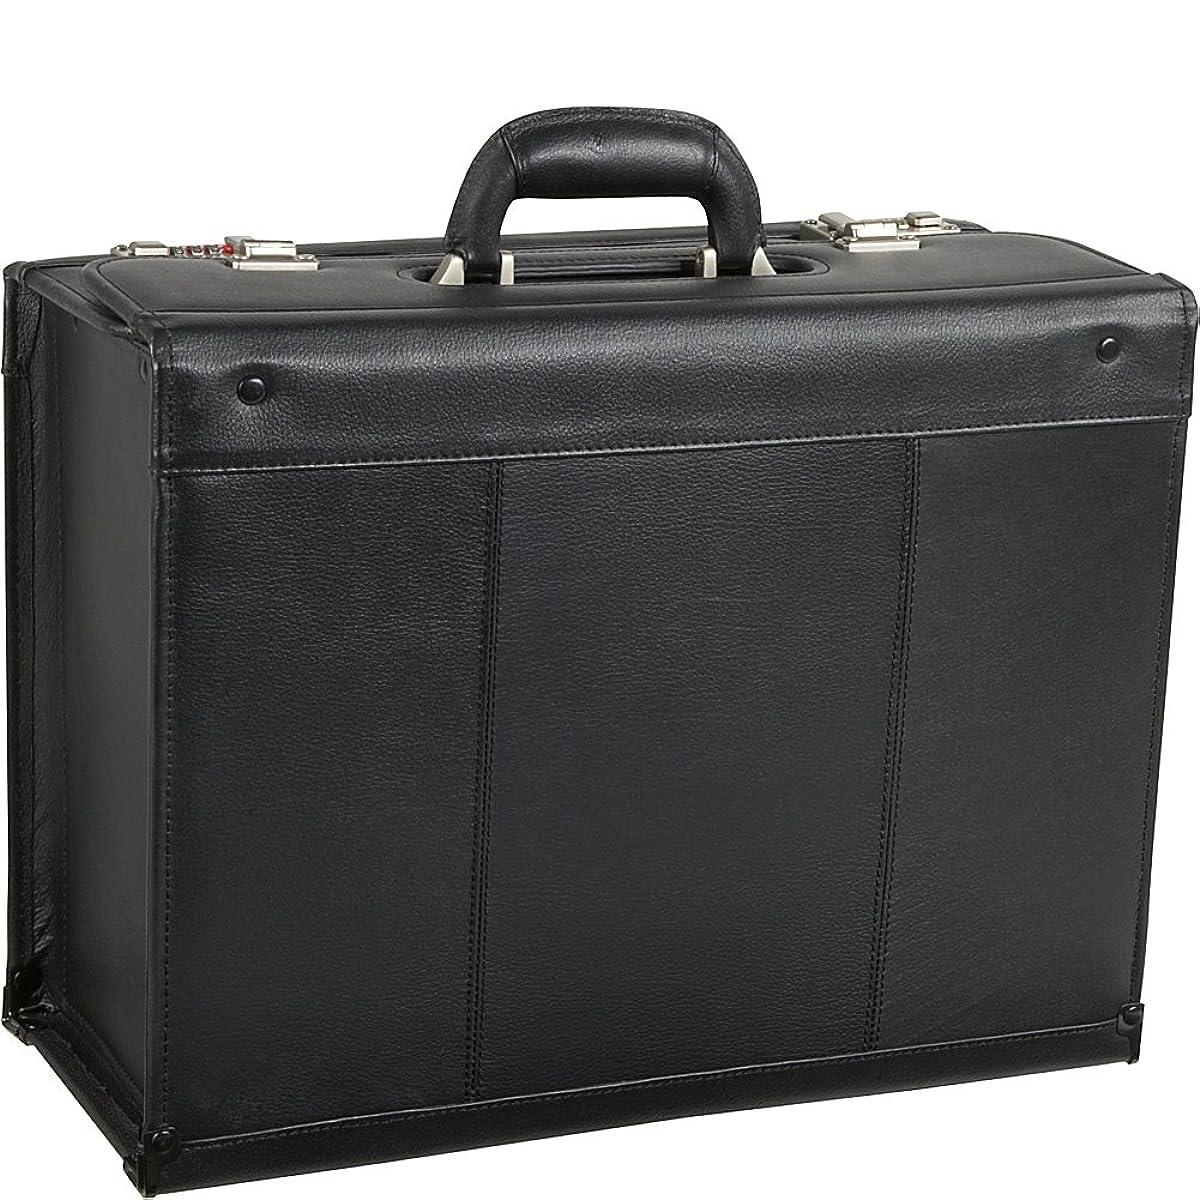 Amerileather Leather Pilot Case,Black,US